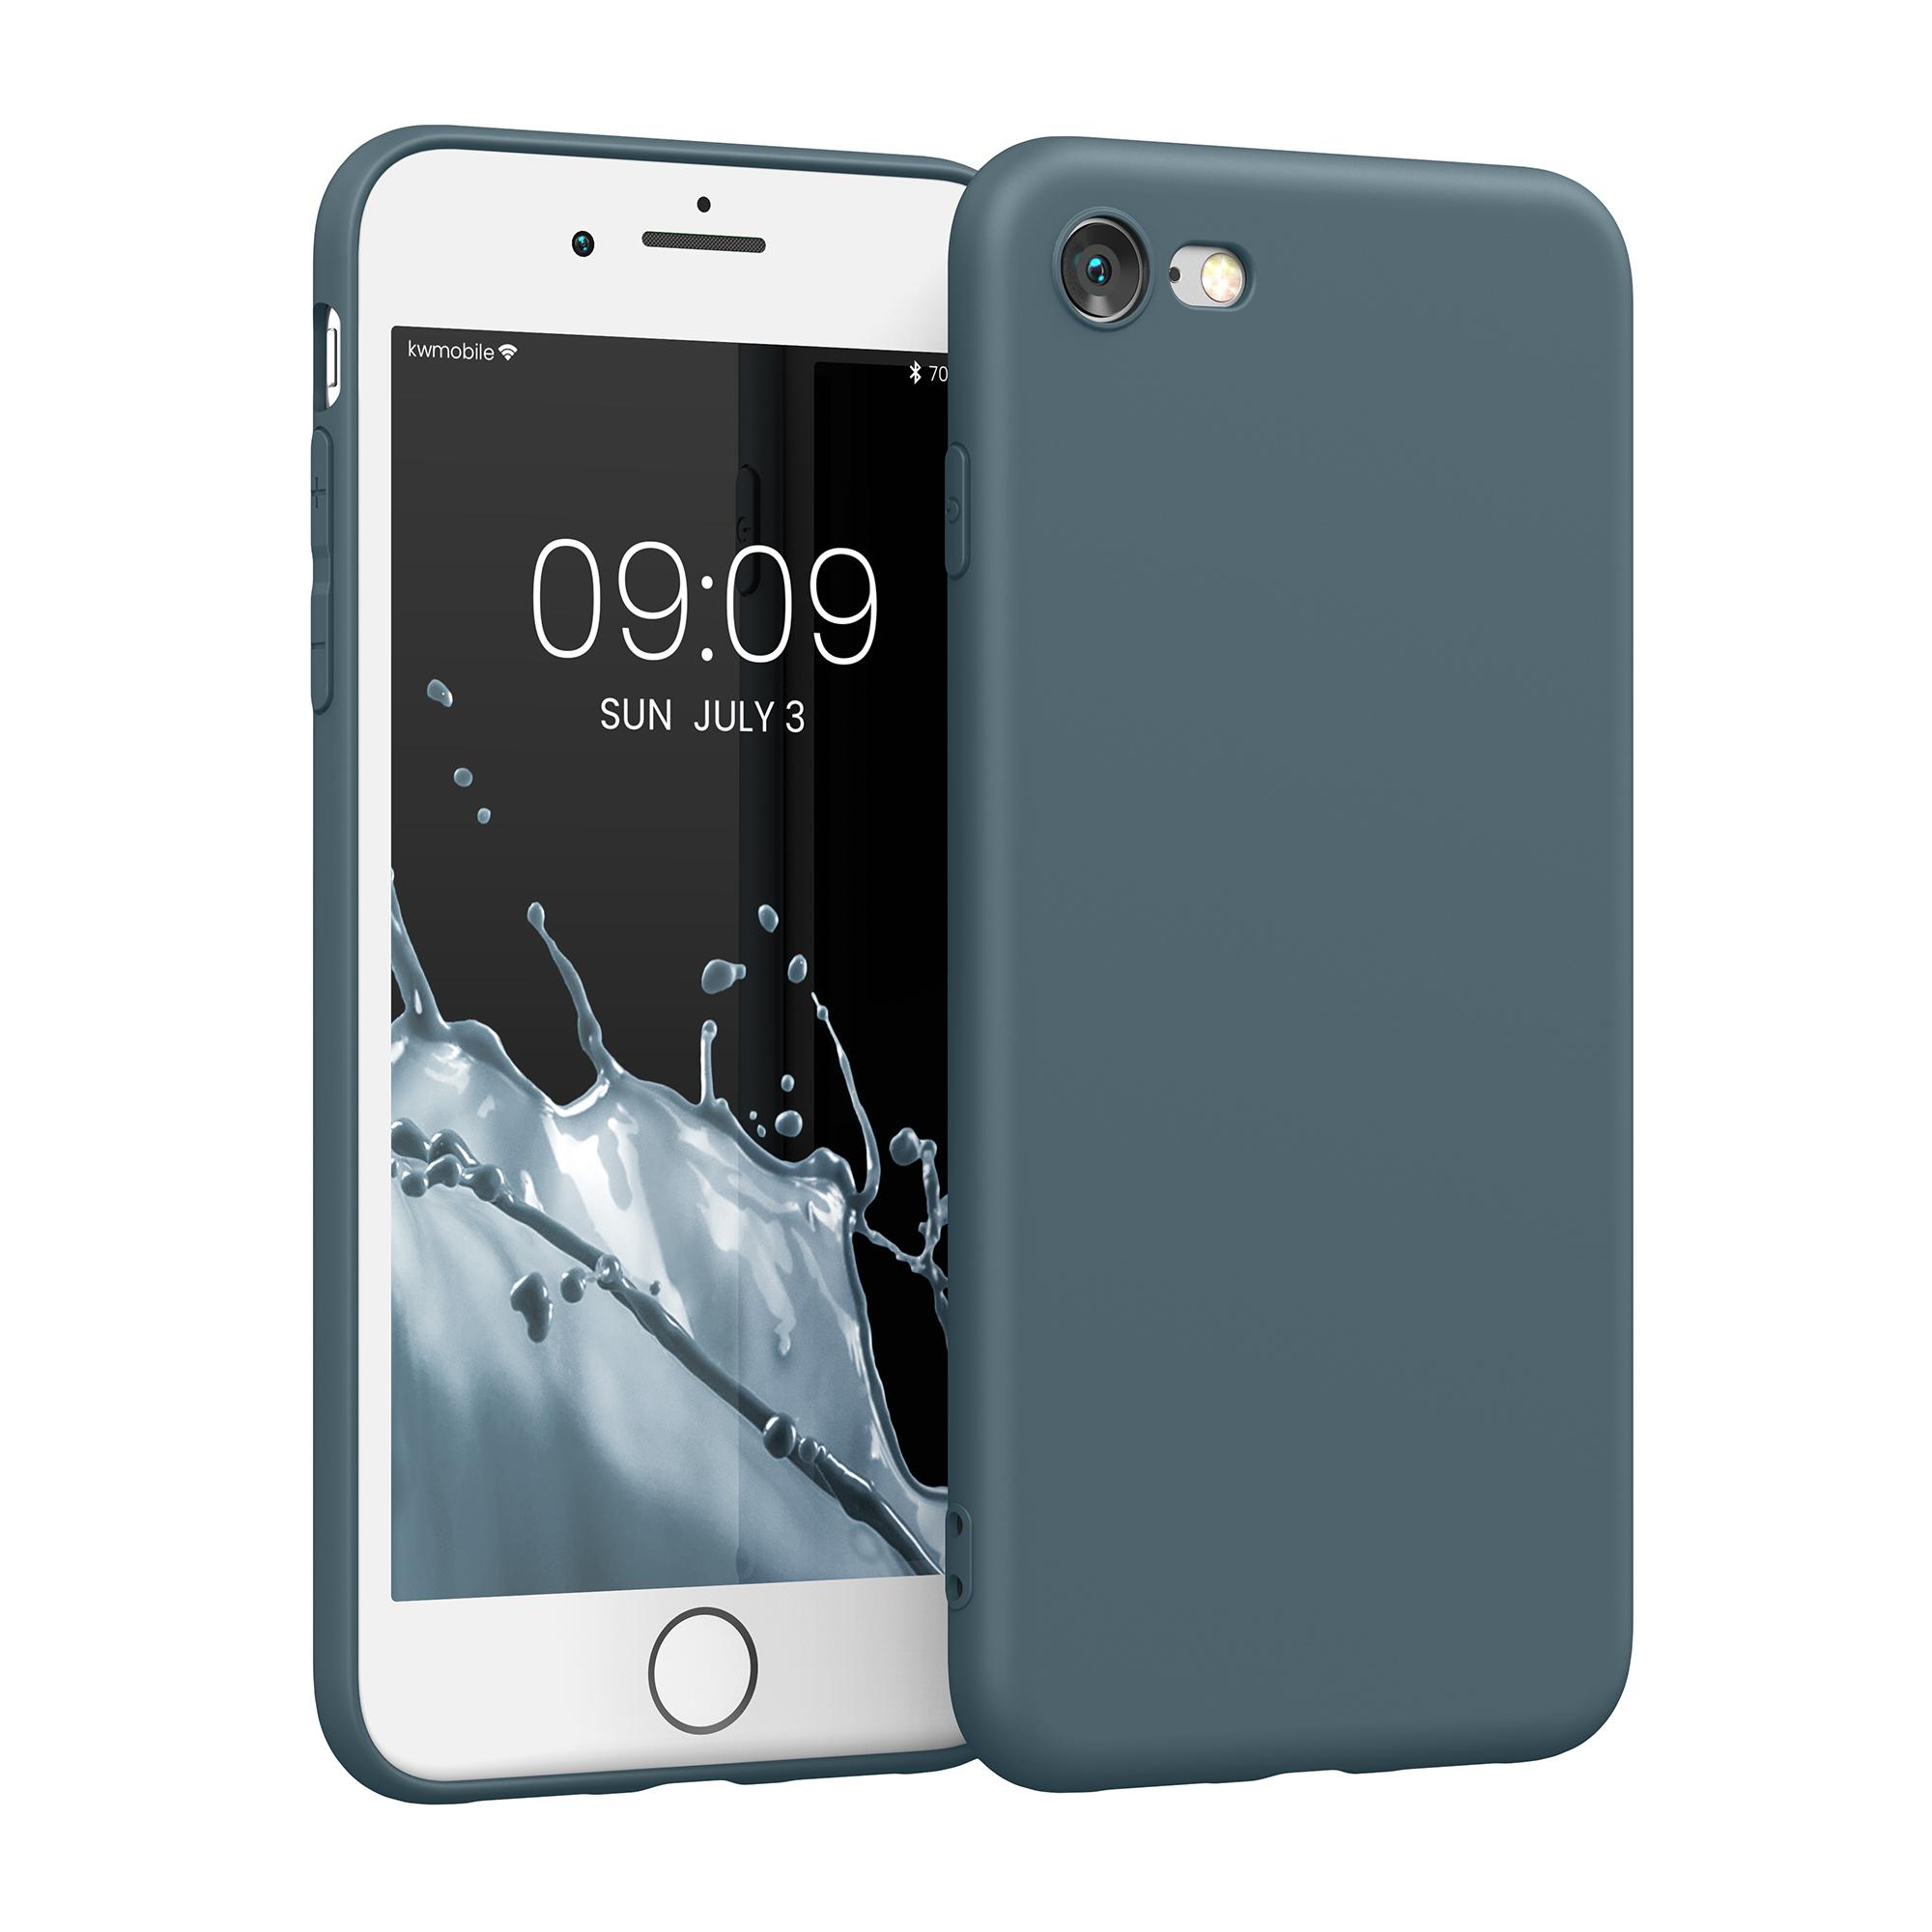 Kvalitní silikonové TPU pouzdro pro Apple iPhone 7 / 8 / SE  - Šedá břidlice